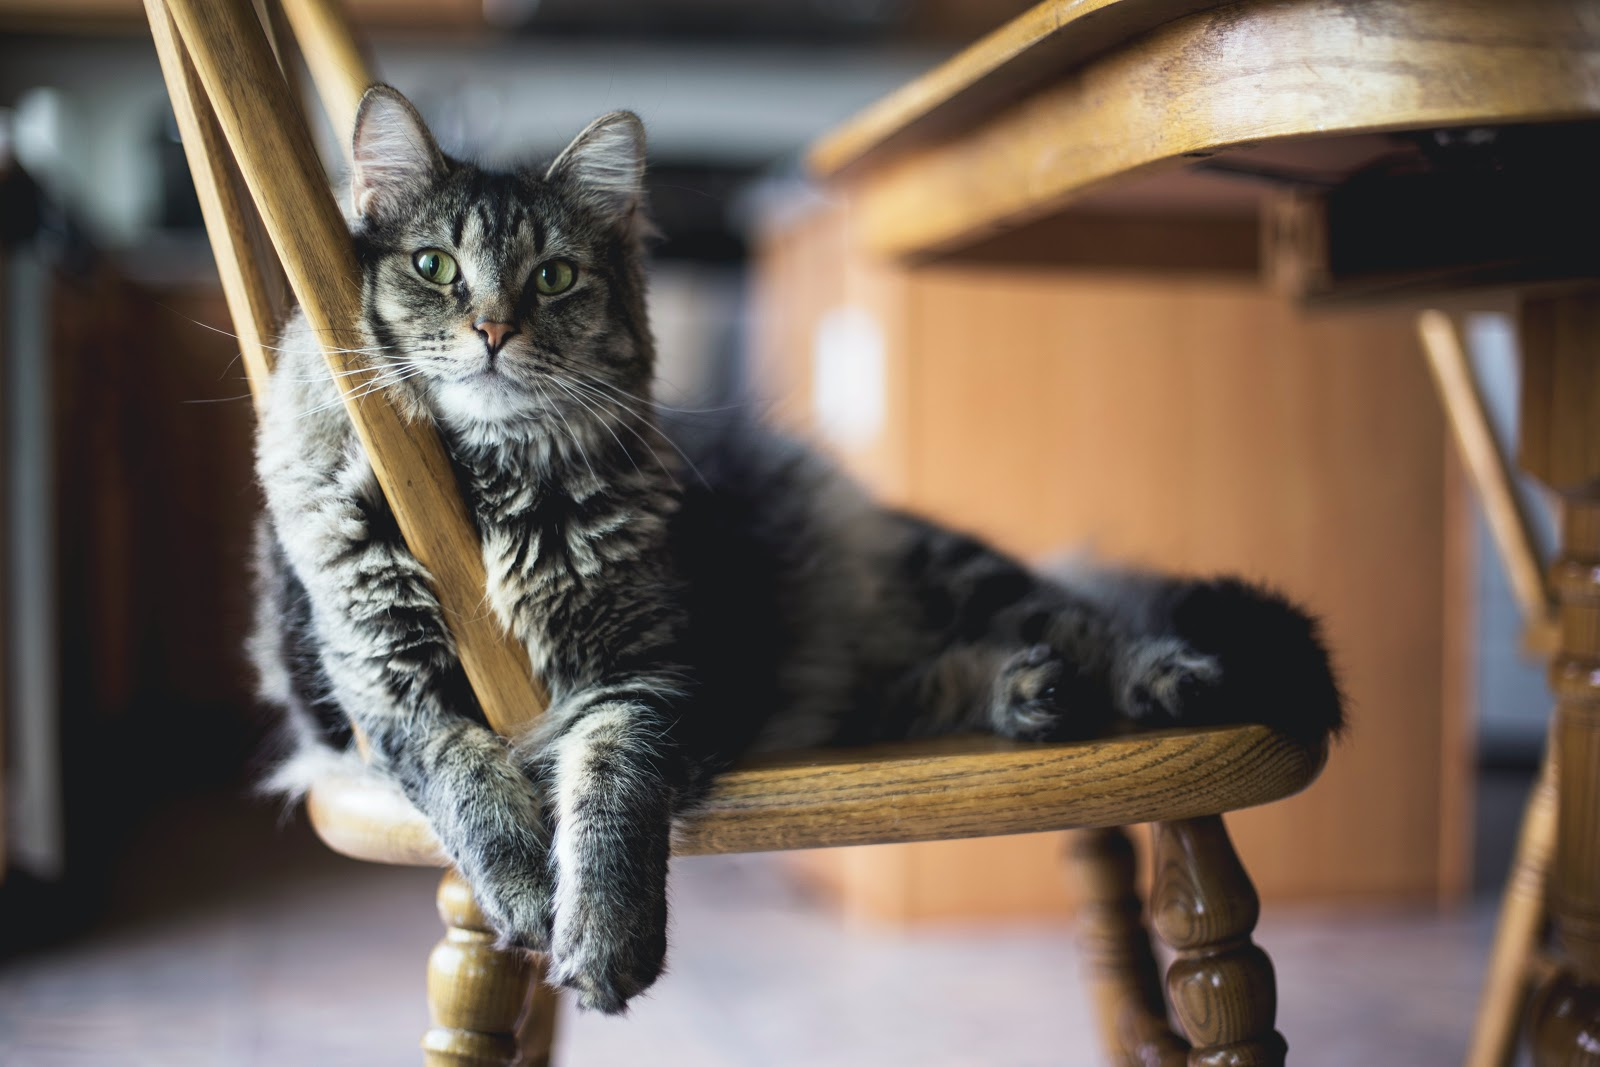 (P) Hrănirea pisicii - 5 principii de bază pe care ar trebui să le știi